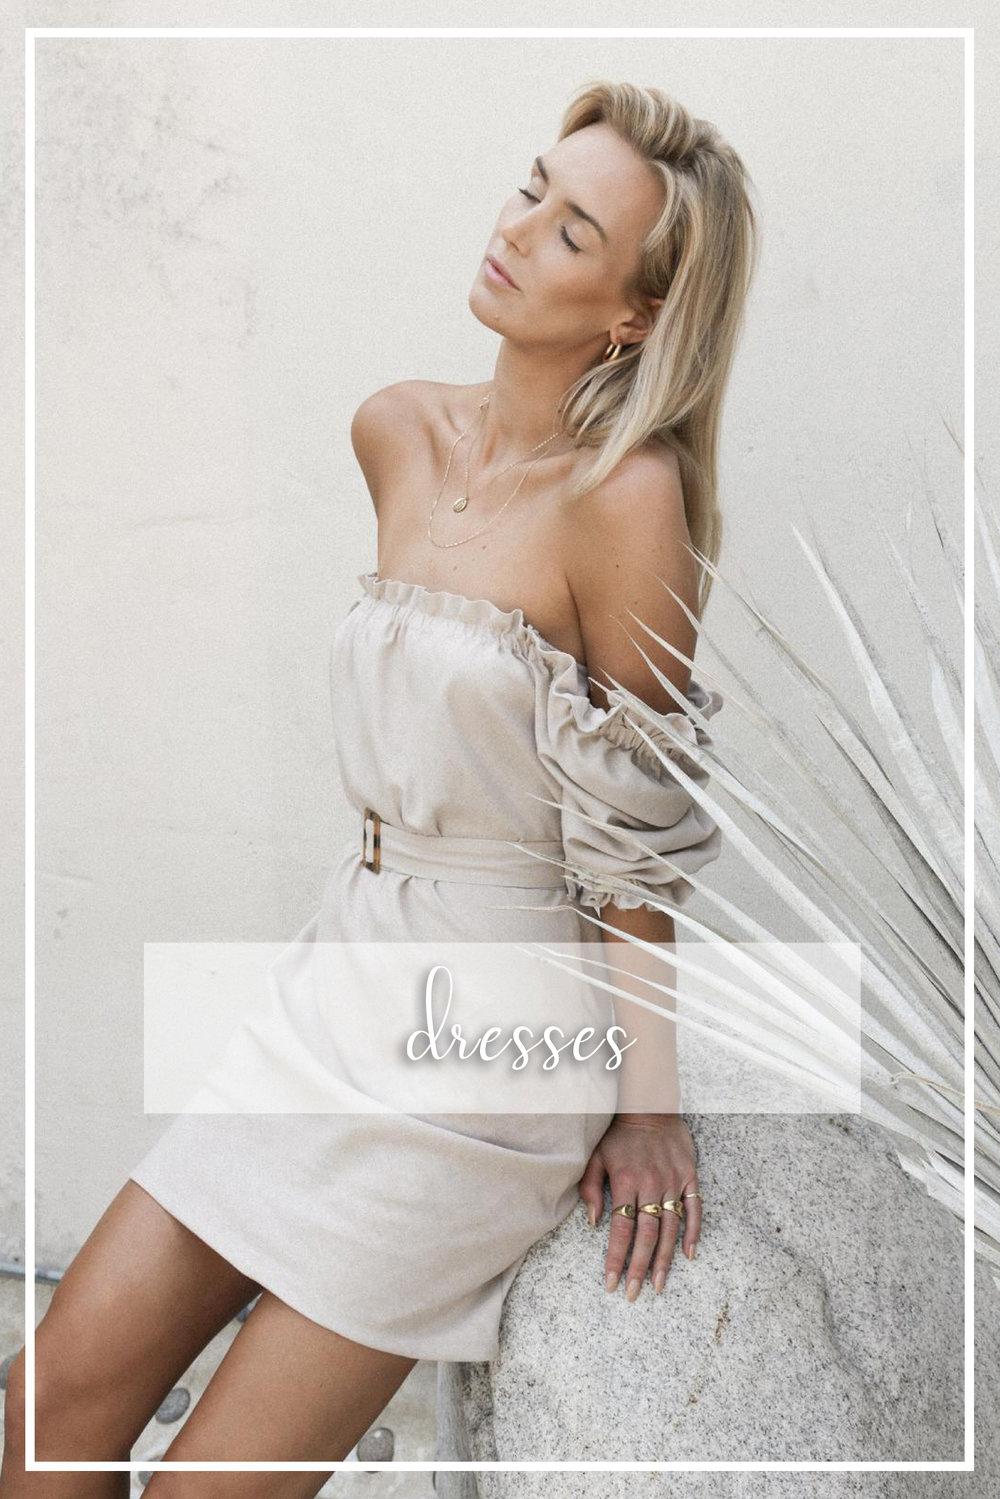 dresses_rev.jpg